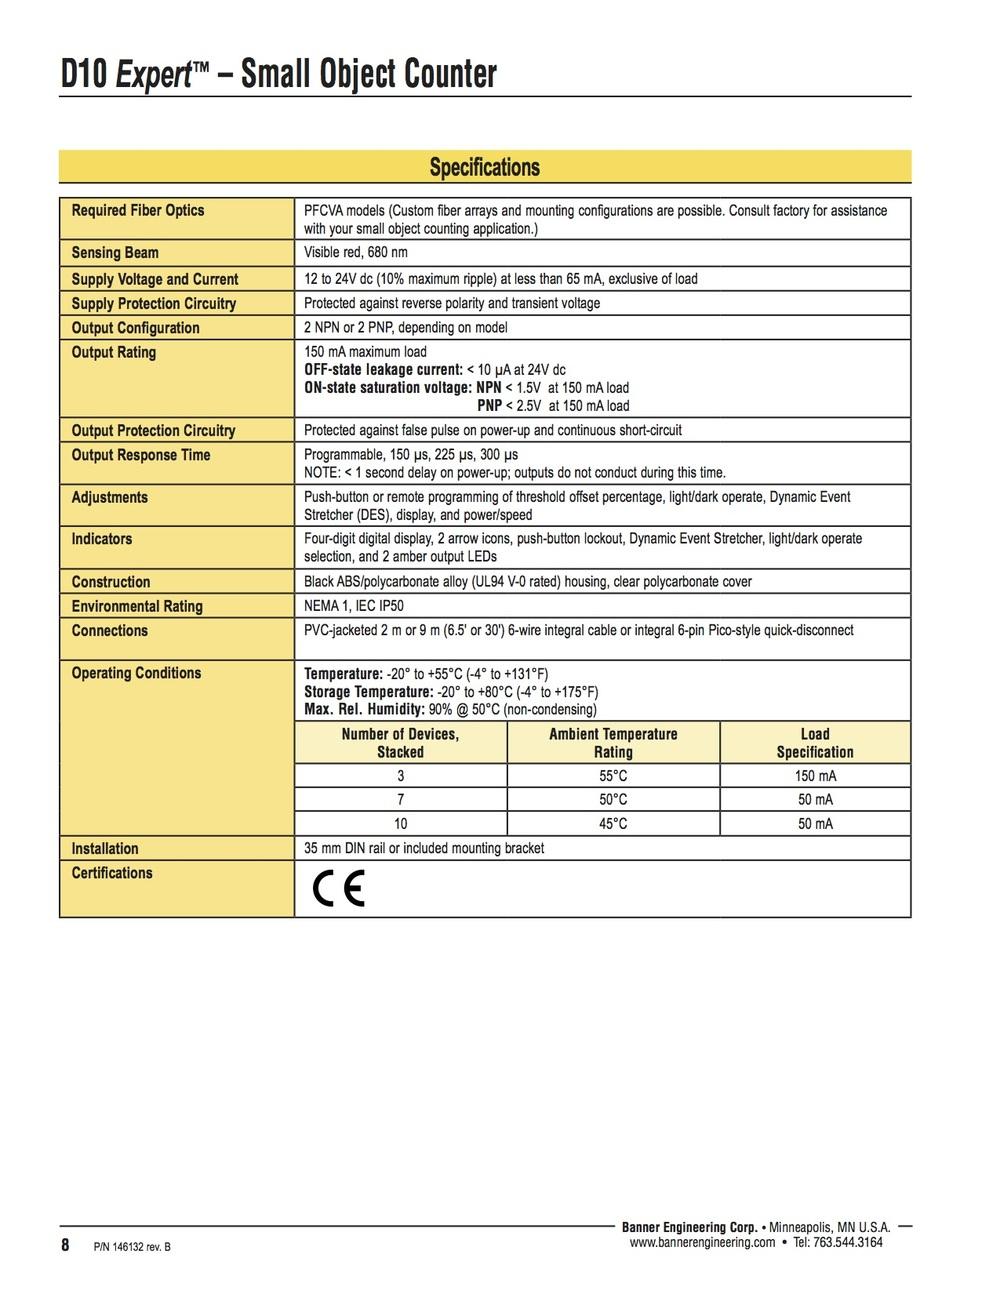 banner-datasheet-d10-8.jpg